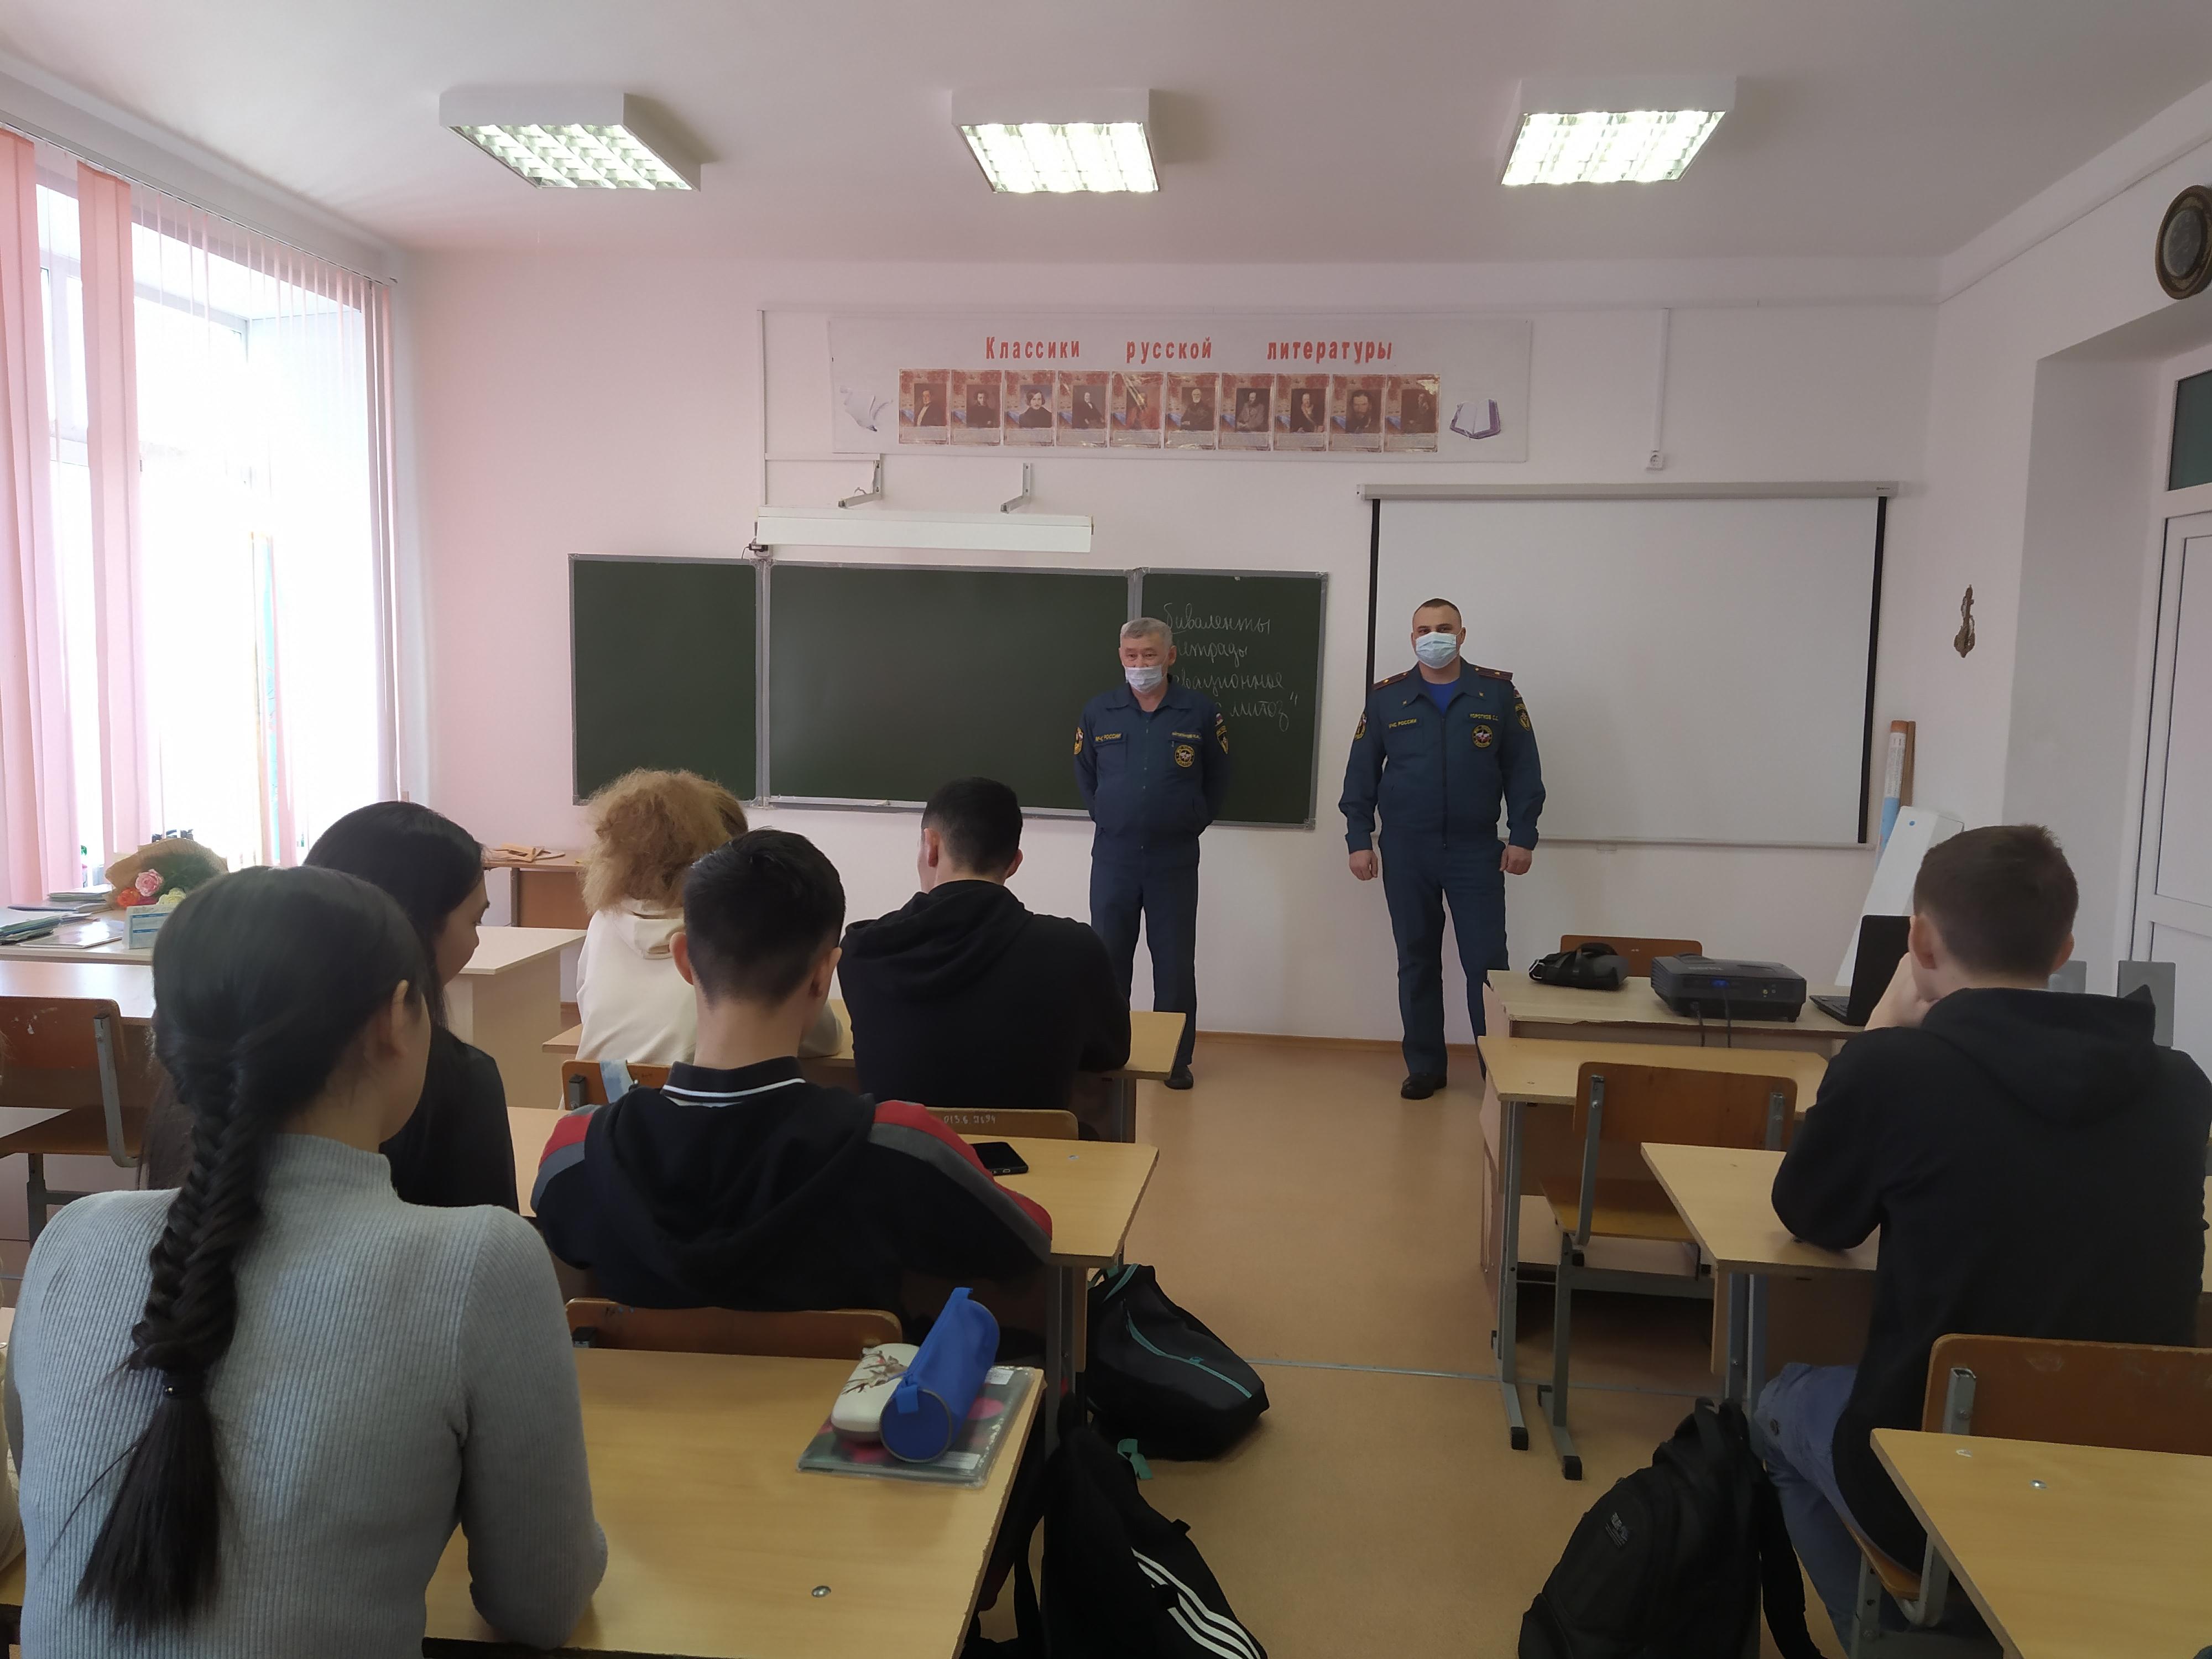 О профессиях МЧС рассказали школьникам Домабровской СОШ №2